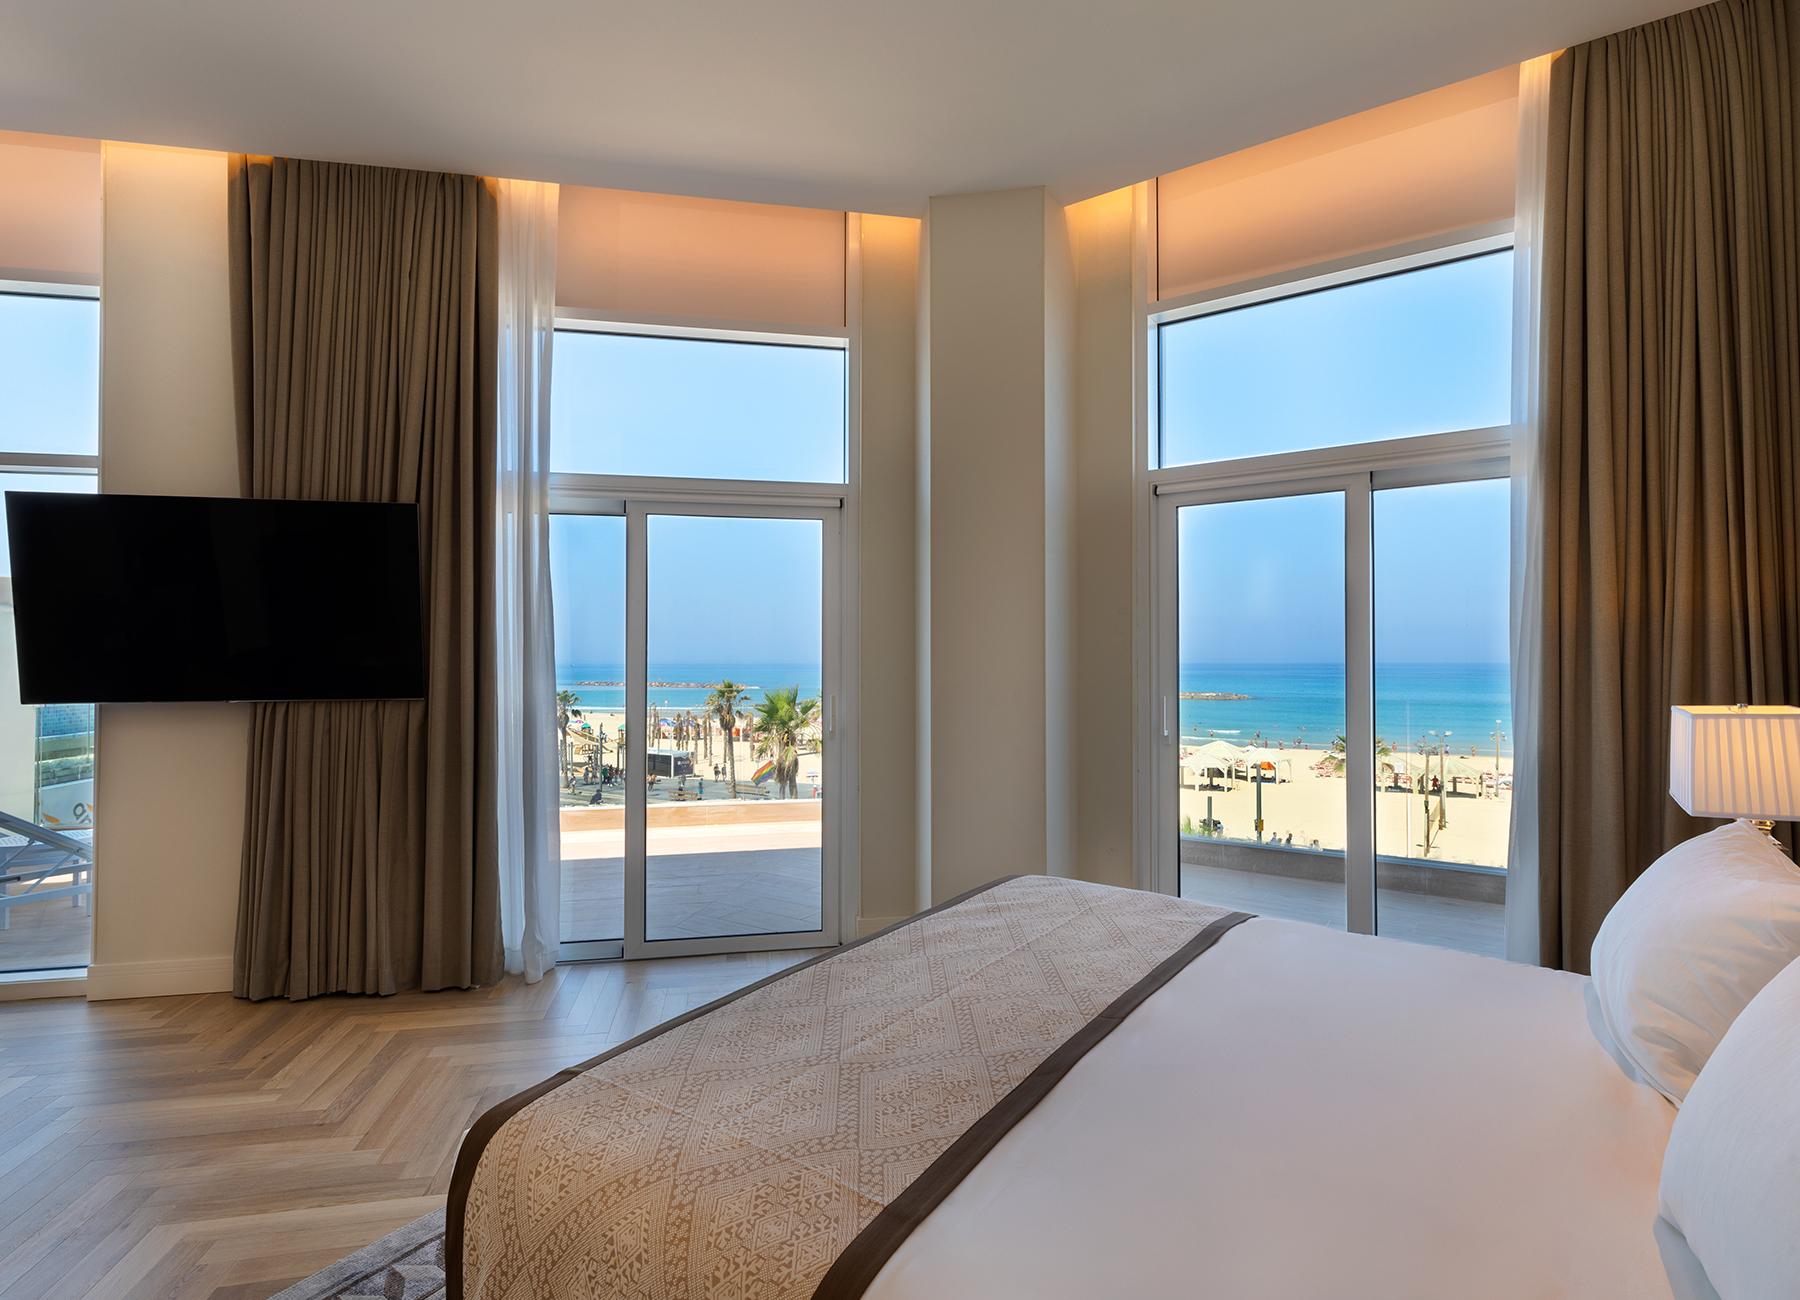 חדר עם נוף לים במלון אופרה הרברט סמואל תל אביב